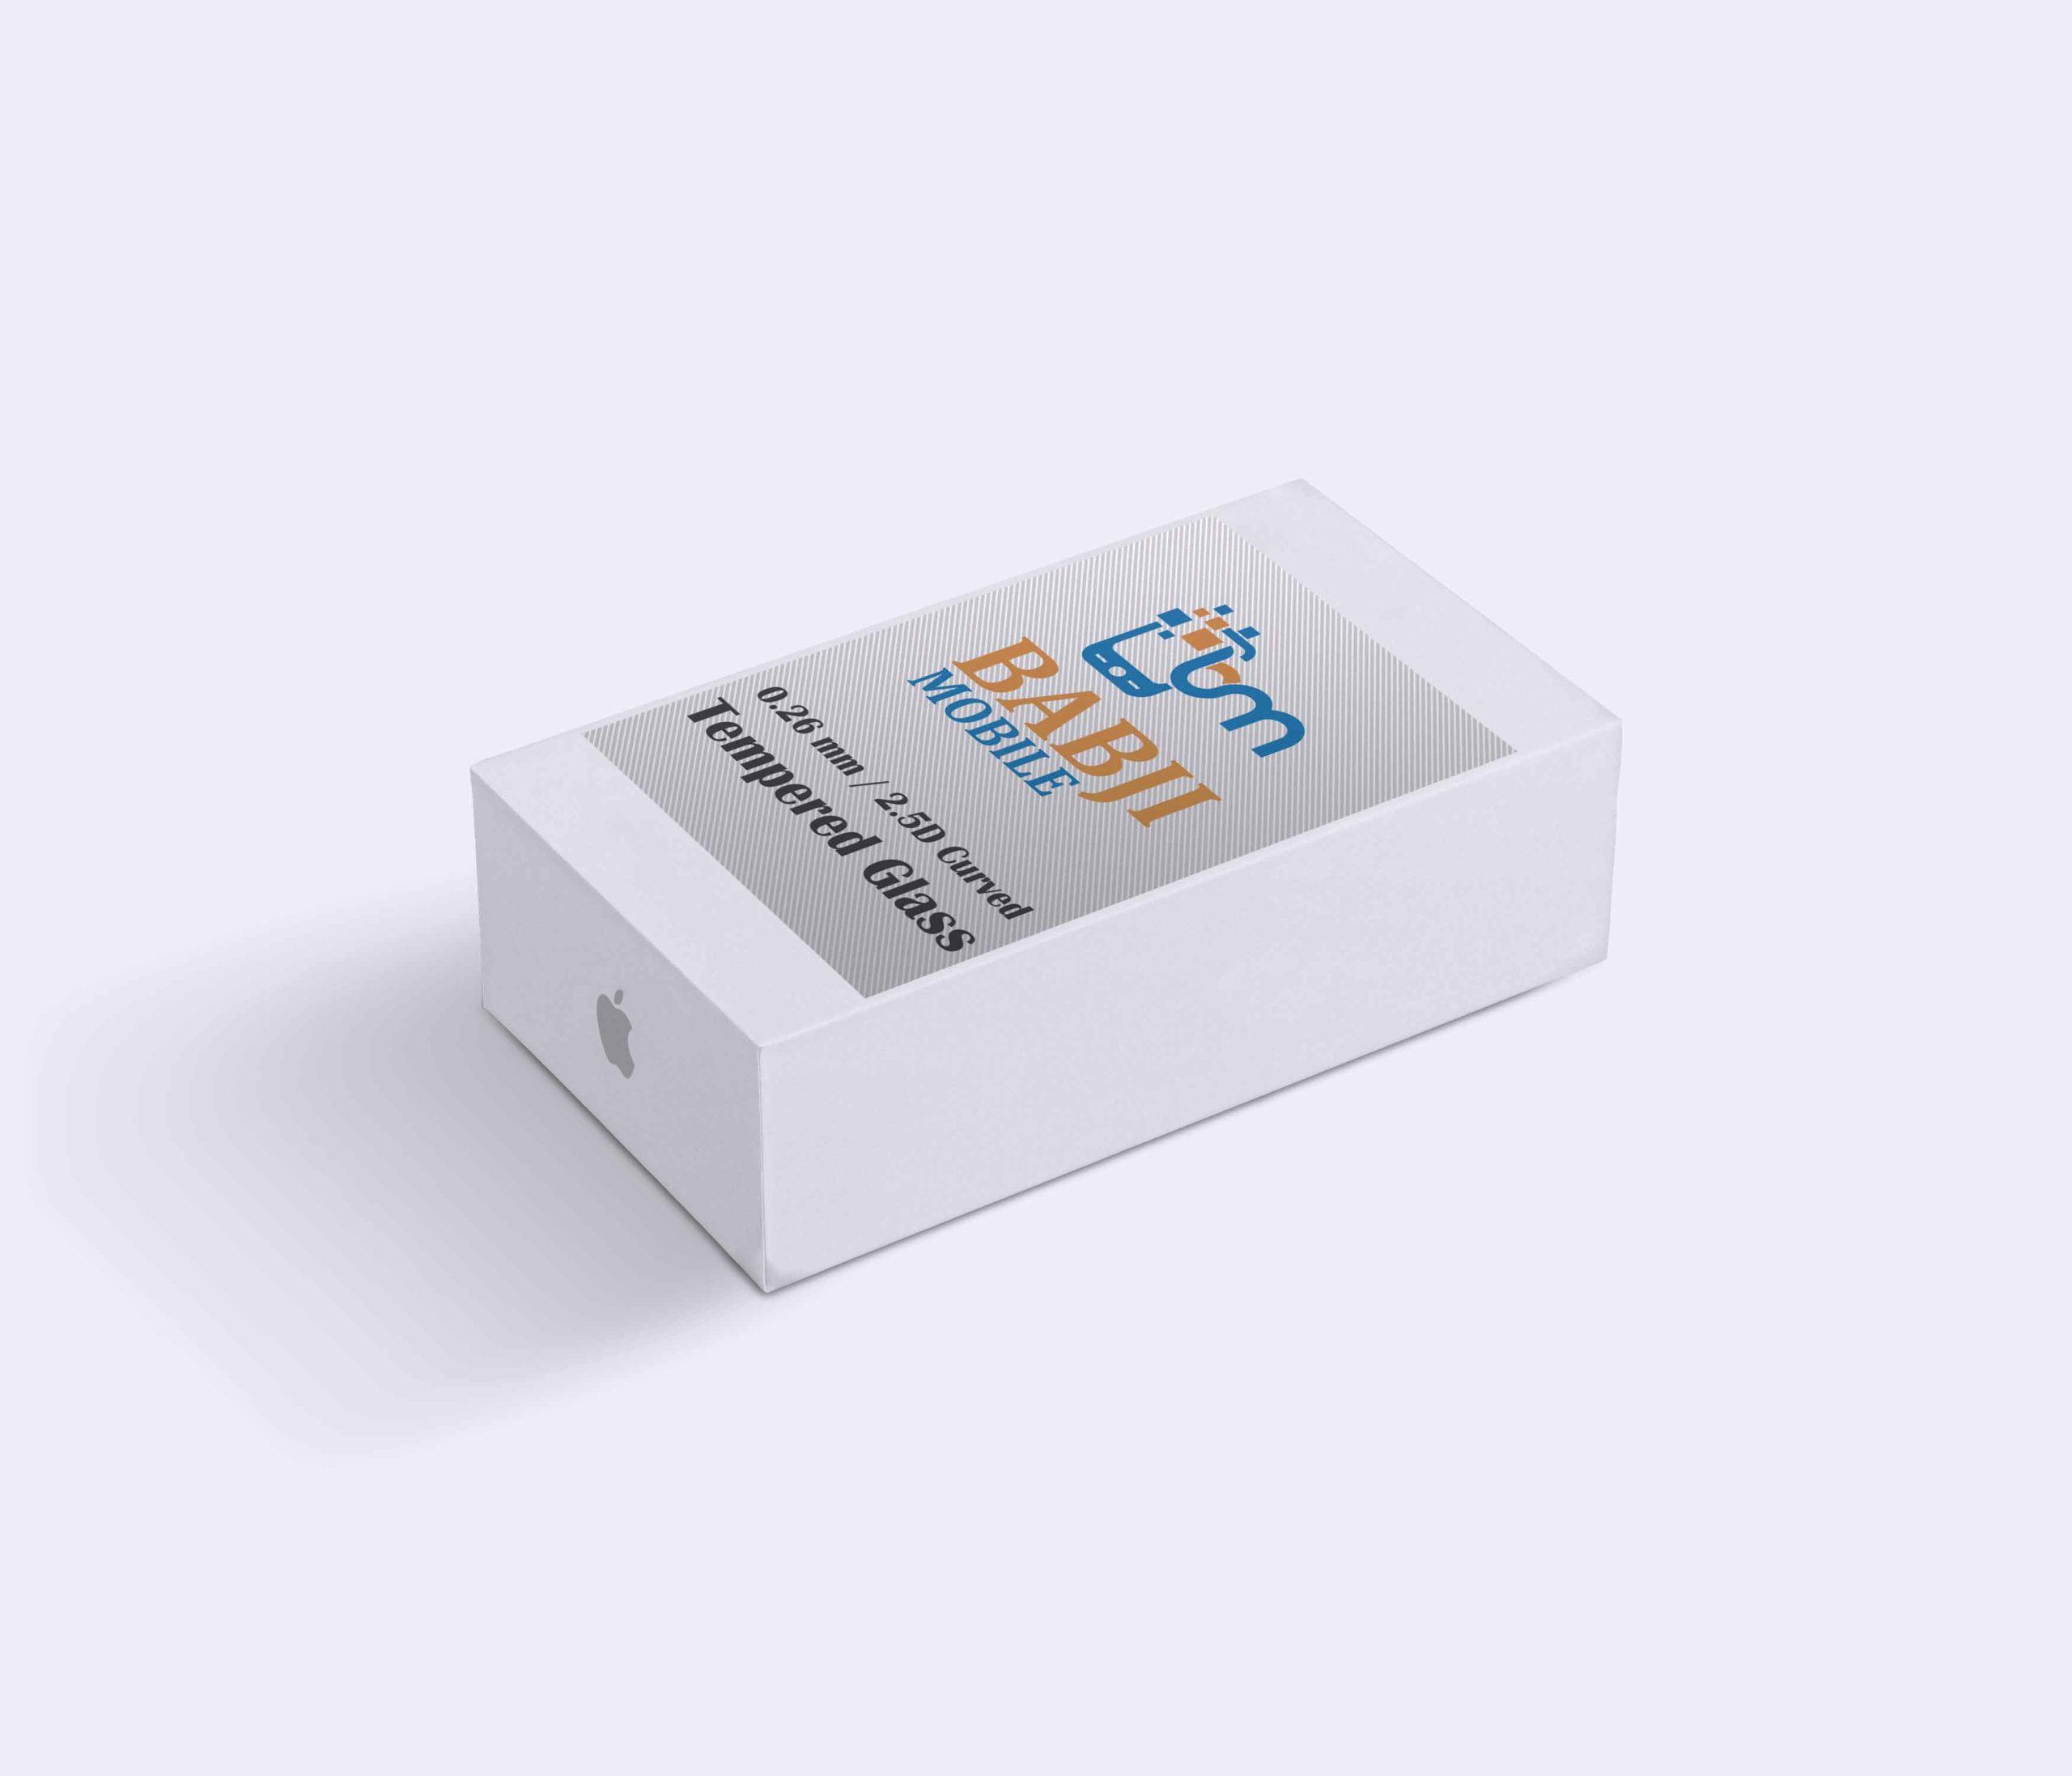 Mobile box sticker design by Badri Design